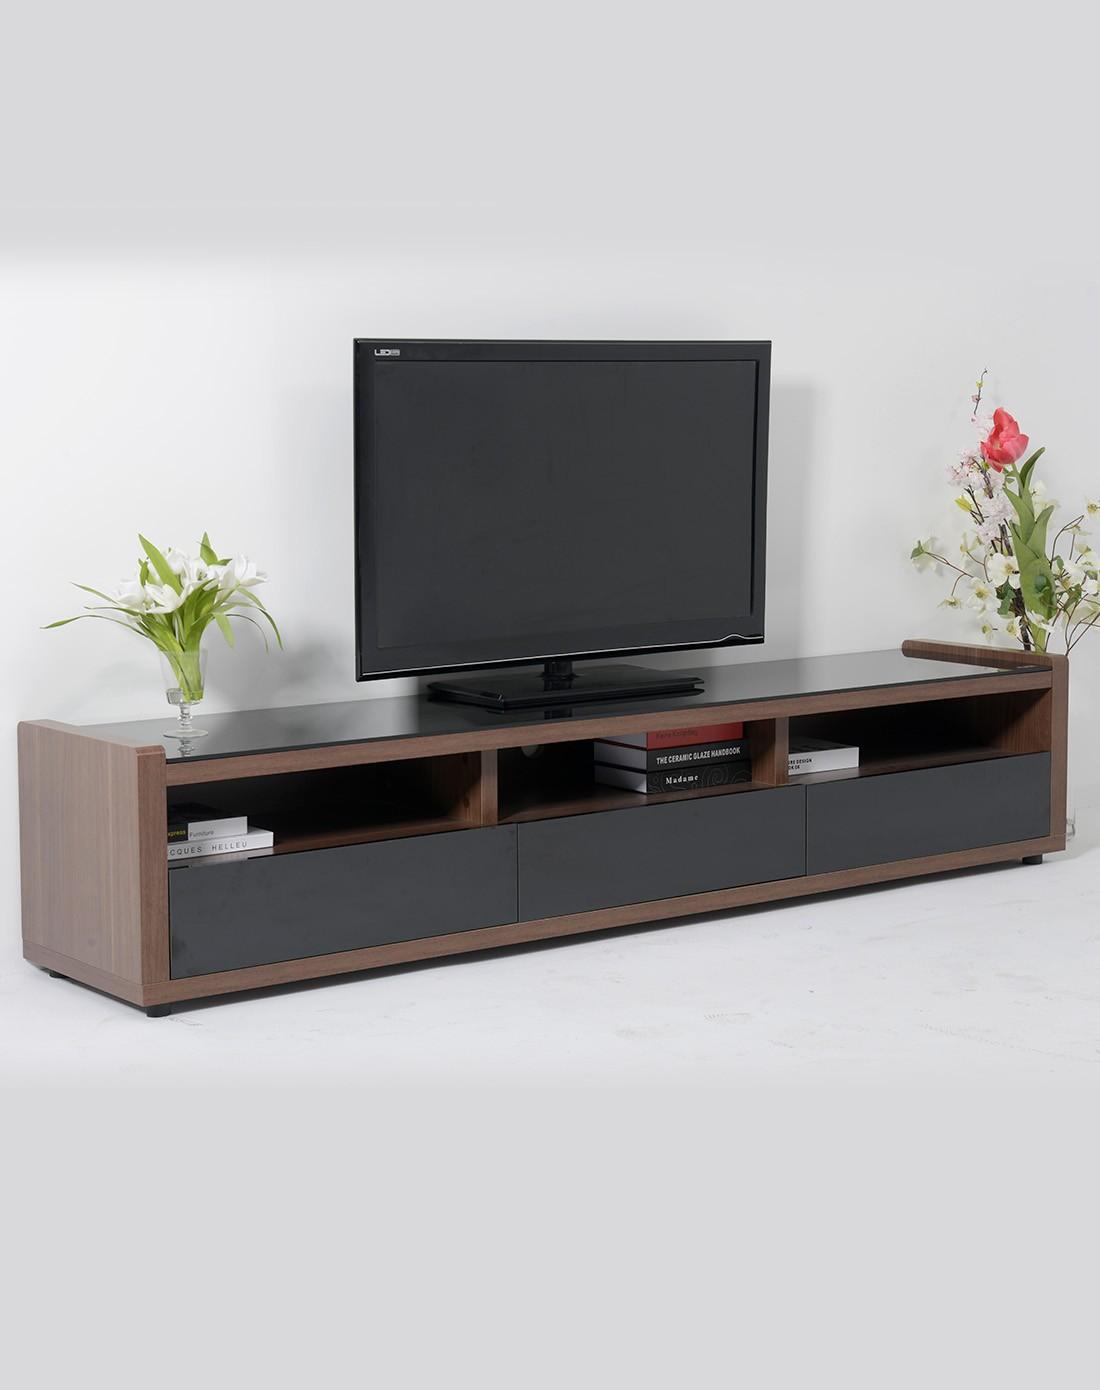 简约宜家实木钢化玻璃面电视柜